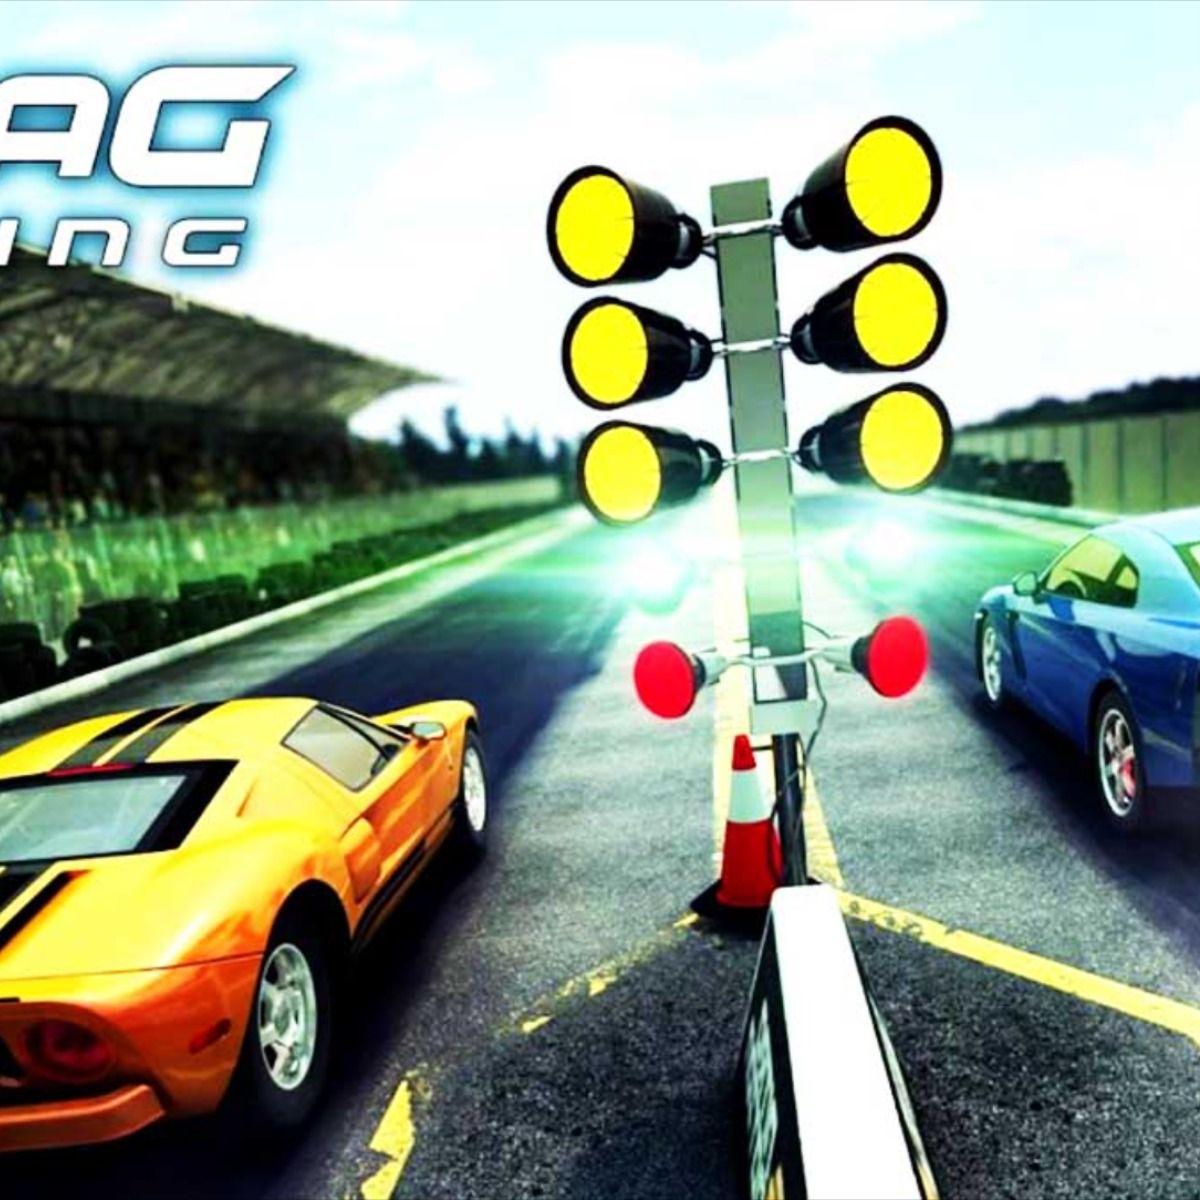 10 Game Android Balapan Mobil Offline Game Balap Game Mainan